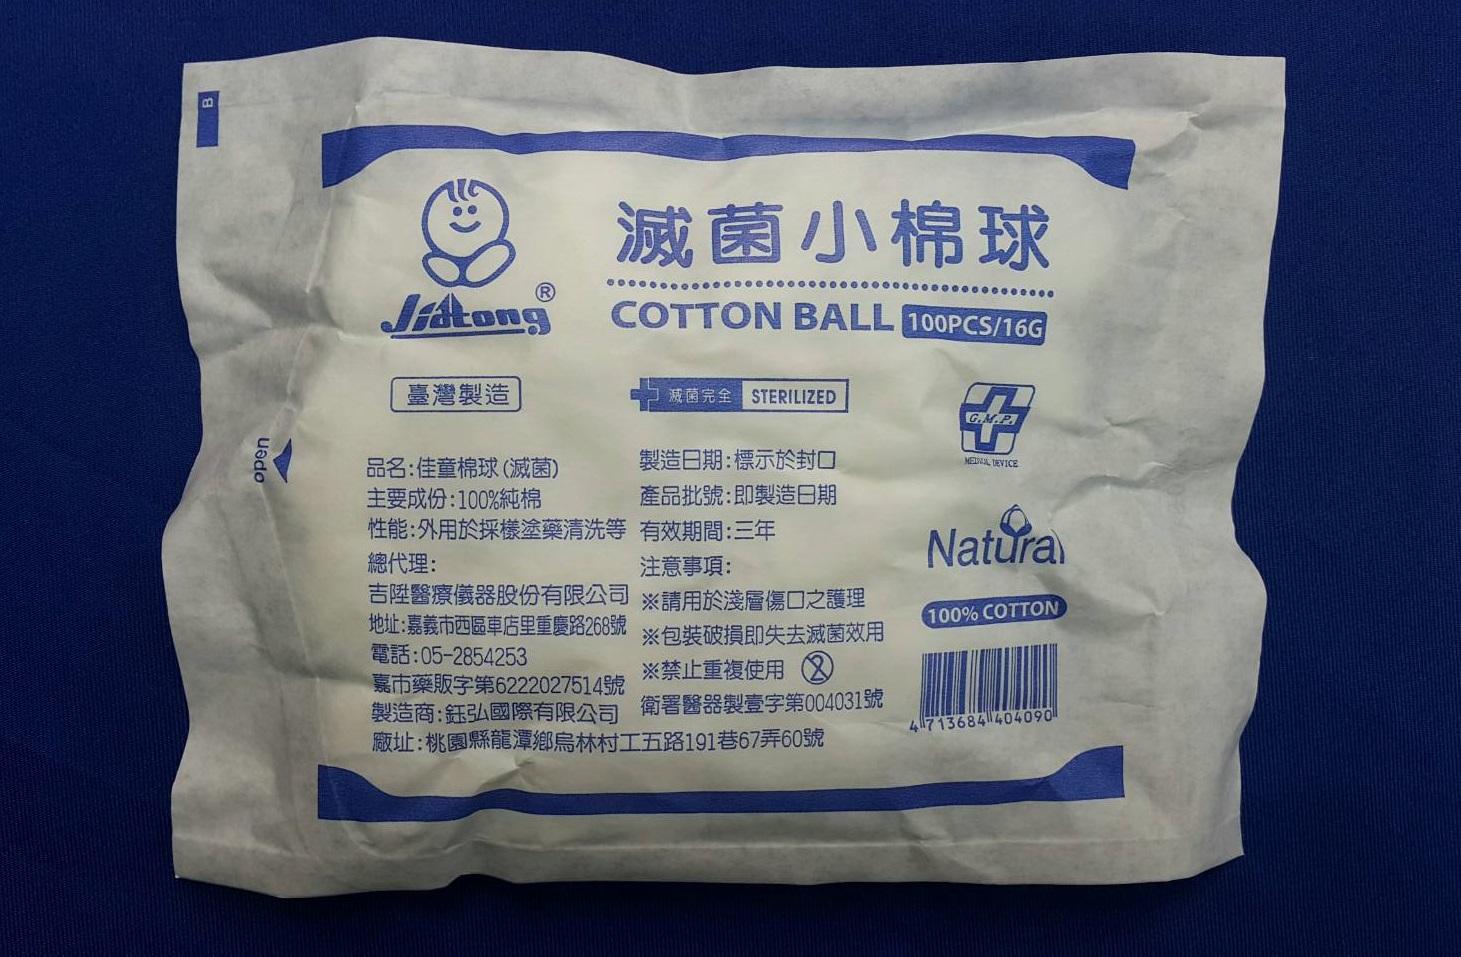 佳童消毒棉球-中粒